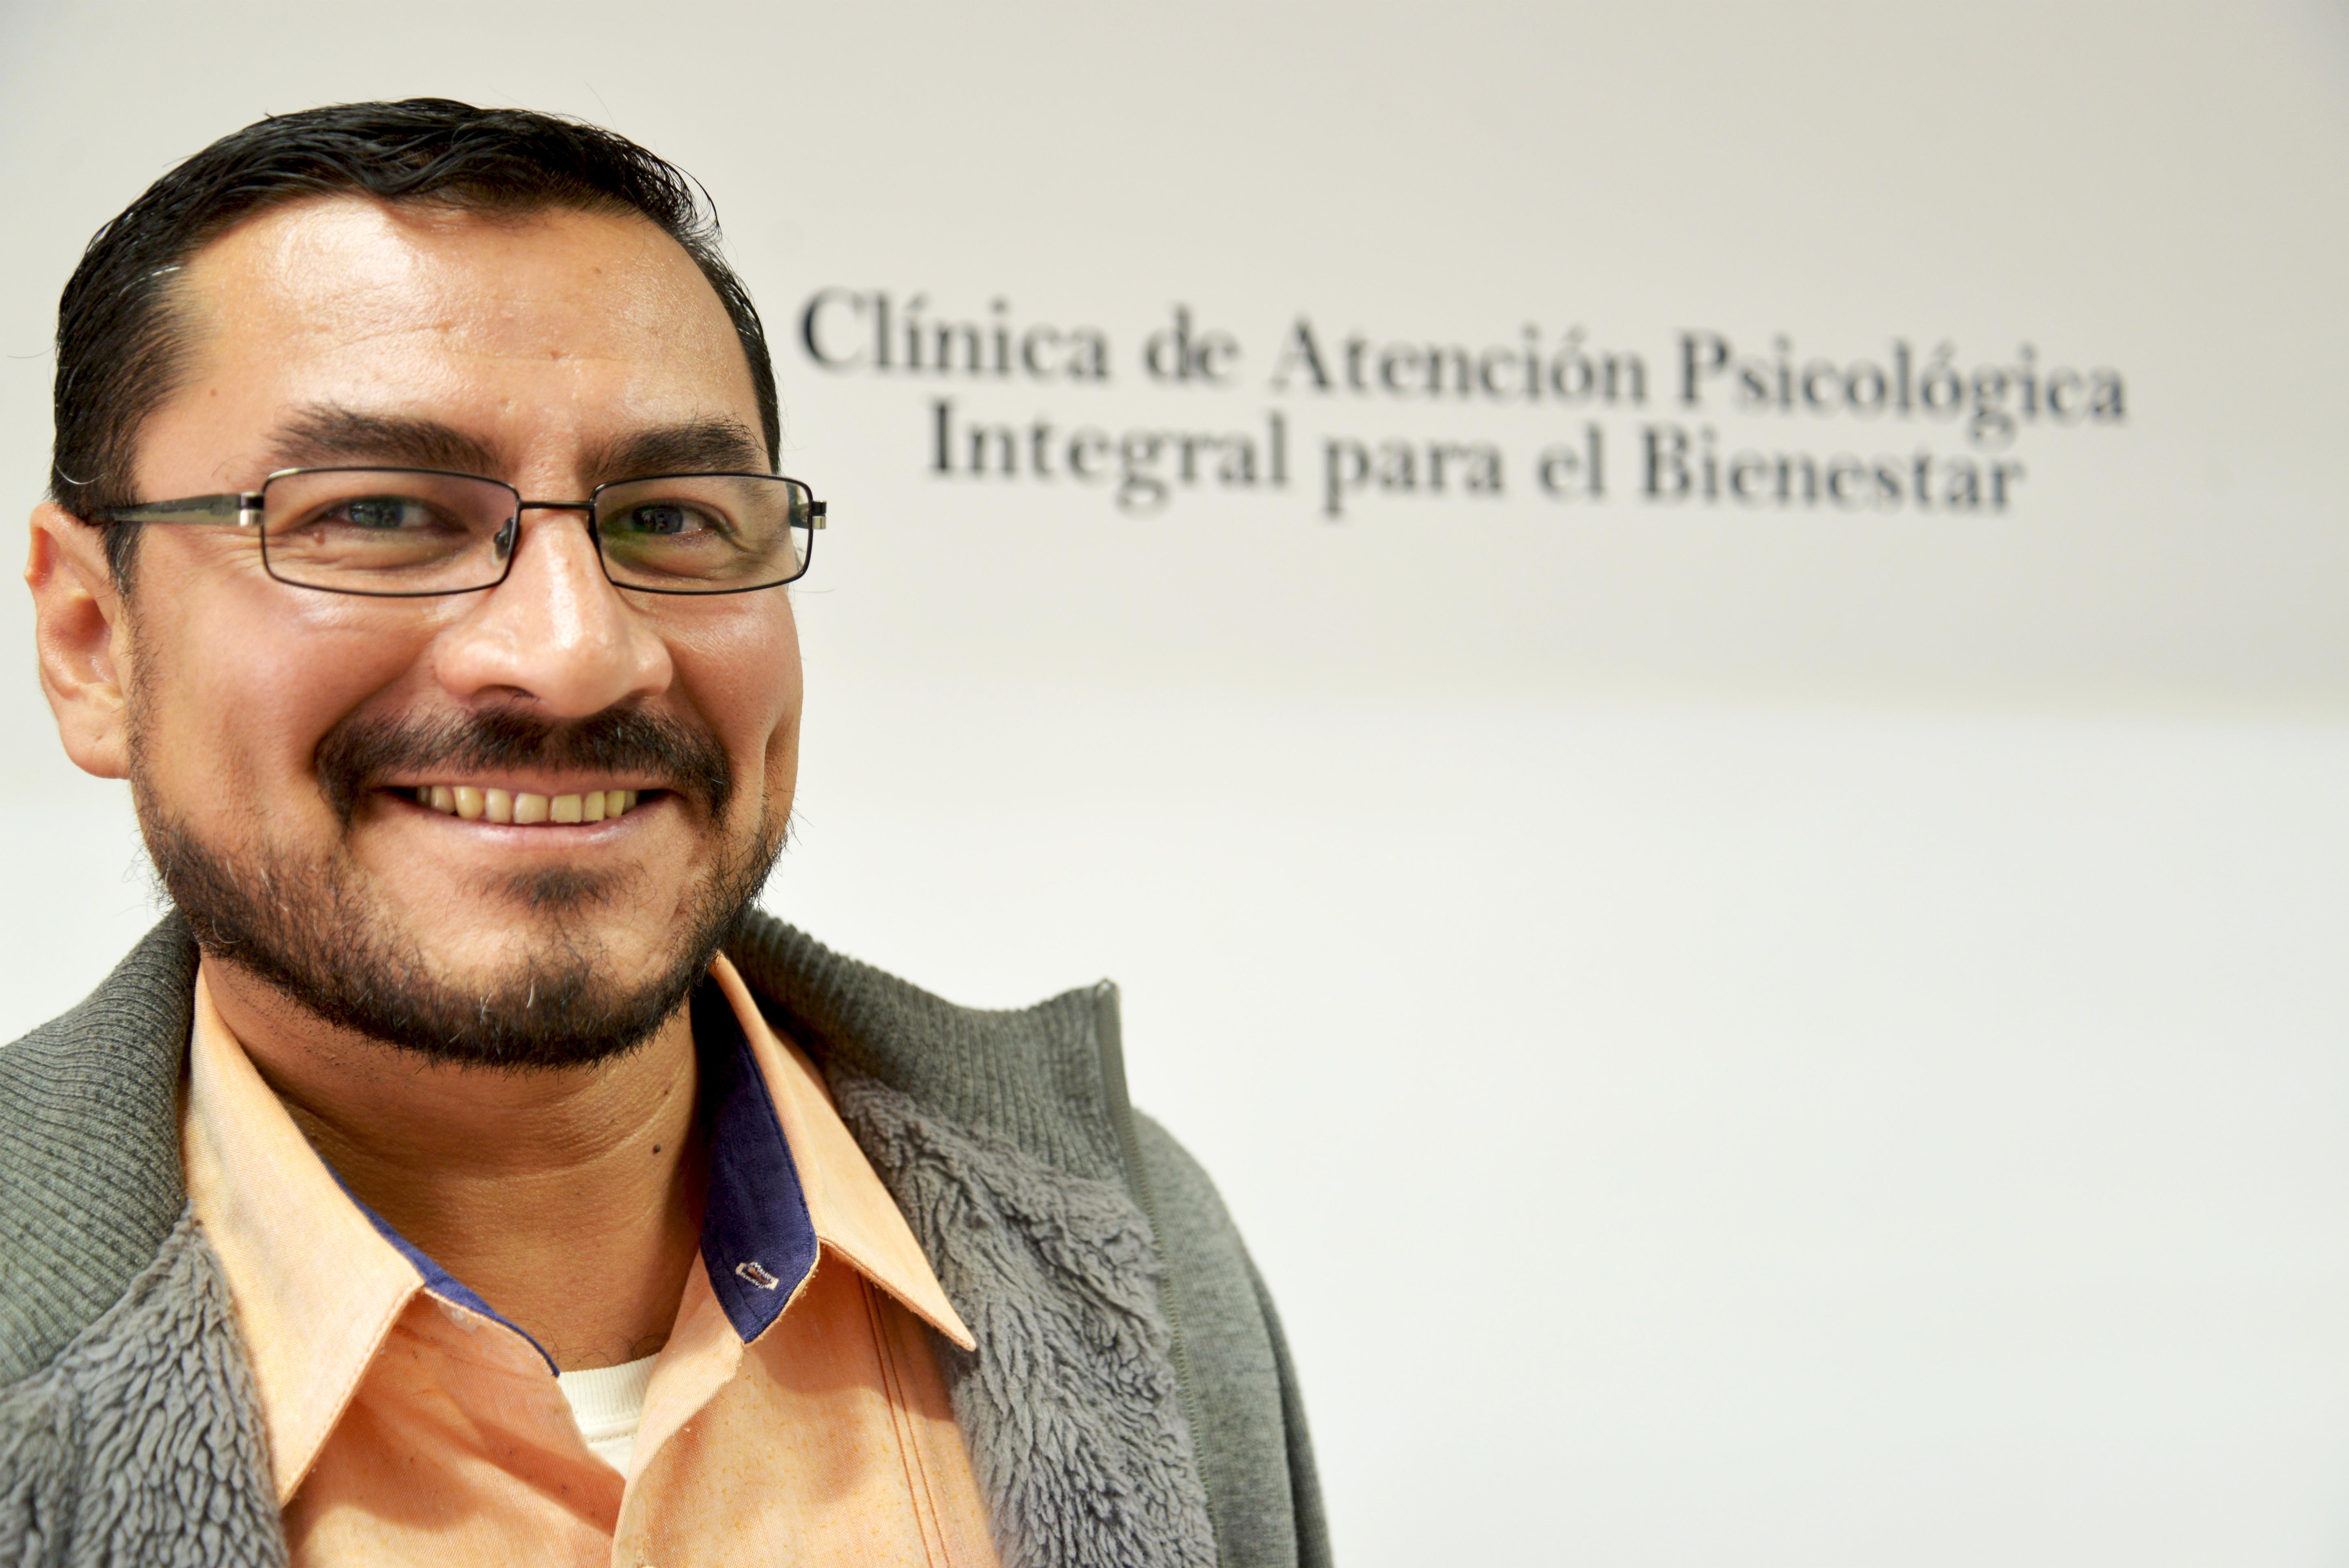 Dr. Rubén Bravo posando para la foto sonriendo